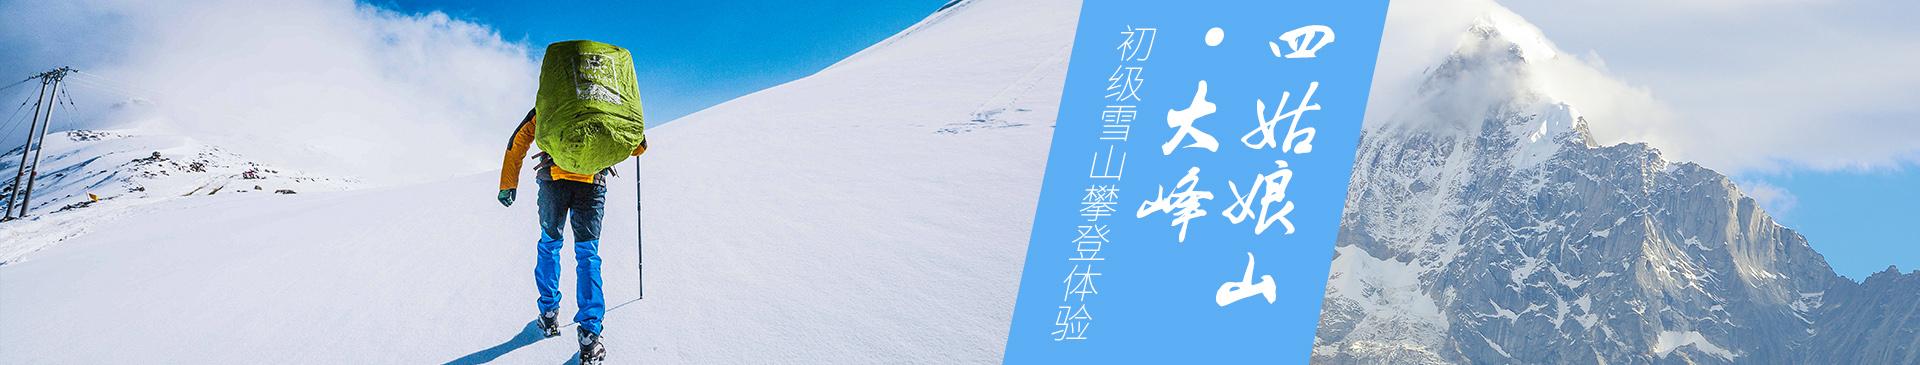 四姑娘山-大峰-登顶计划